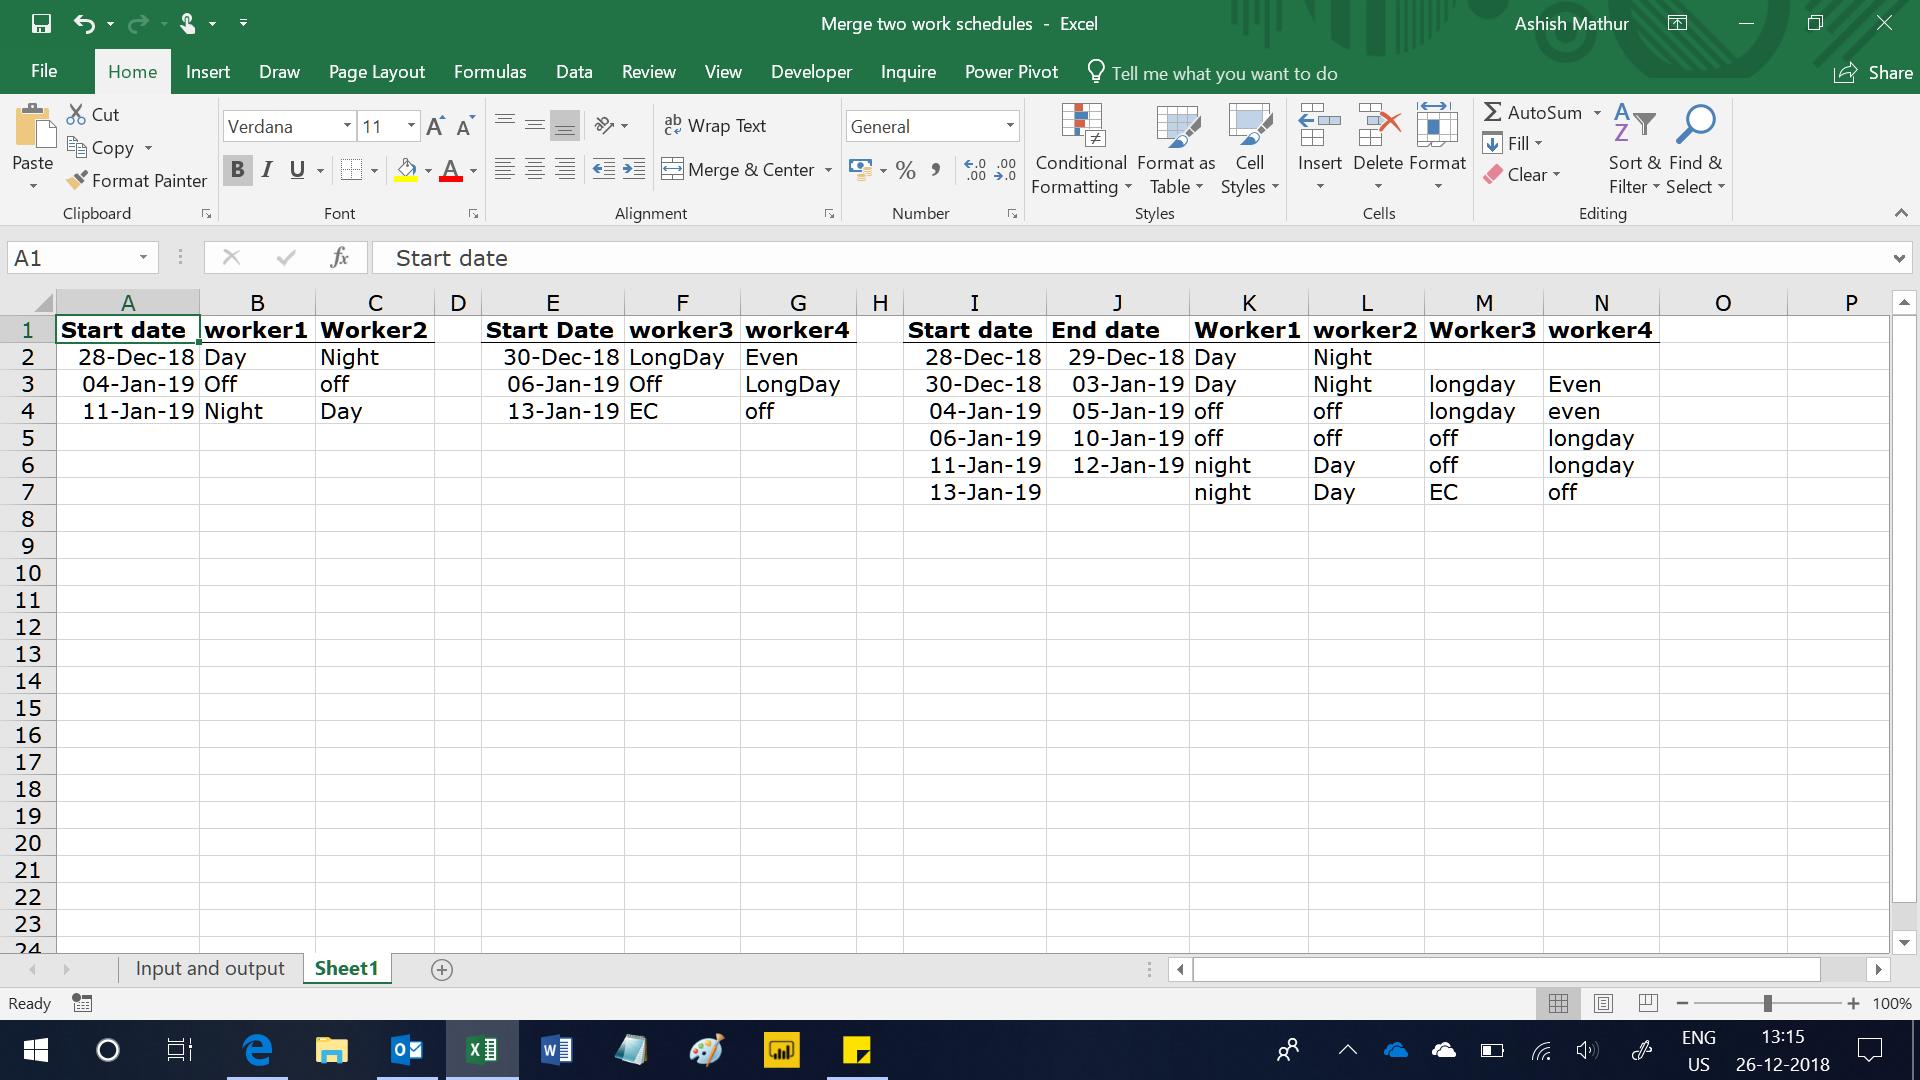 Merge 2 work schedules